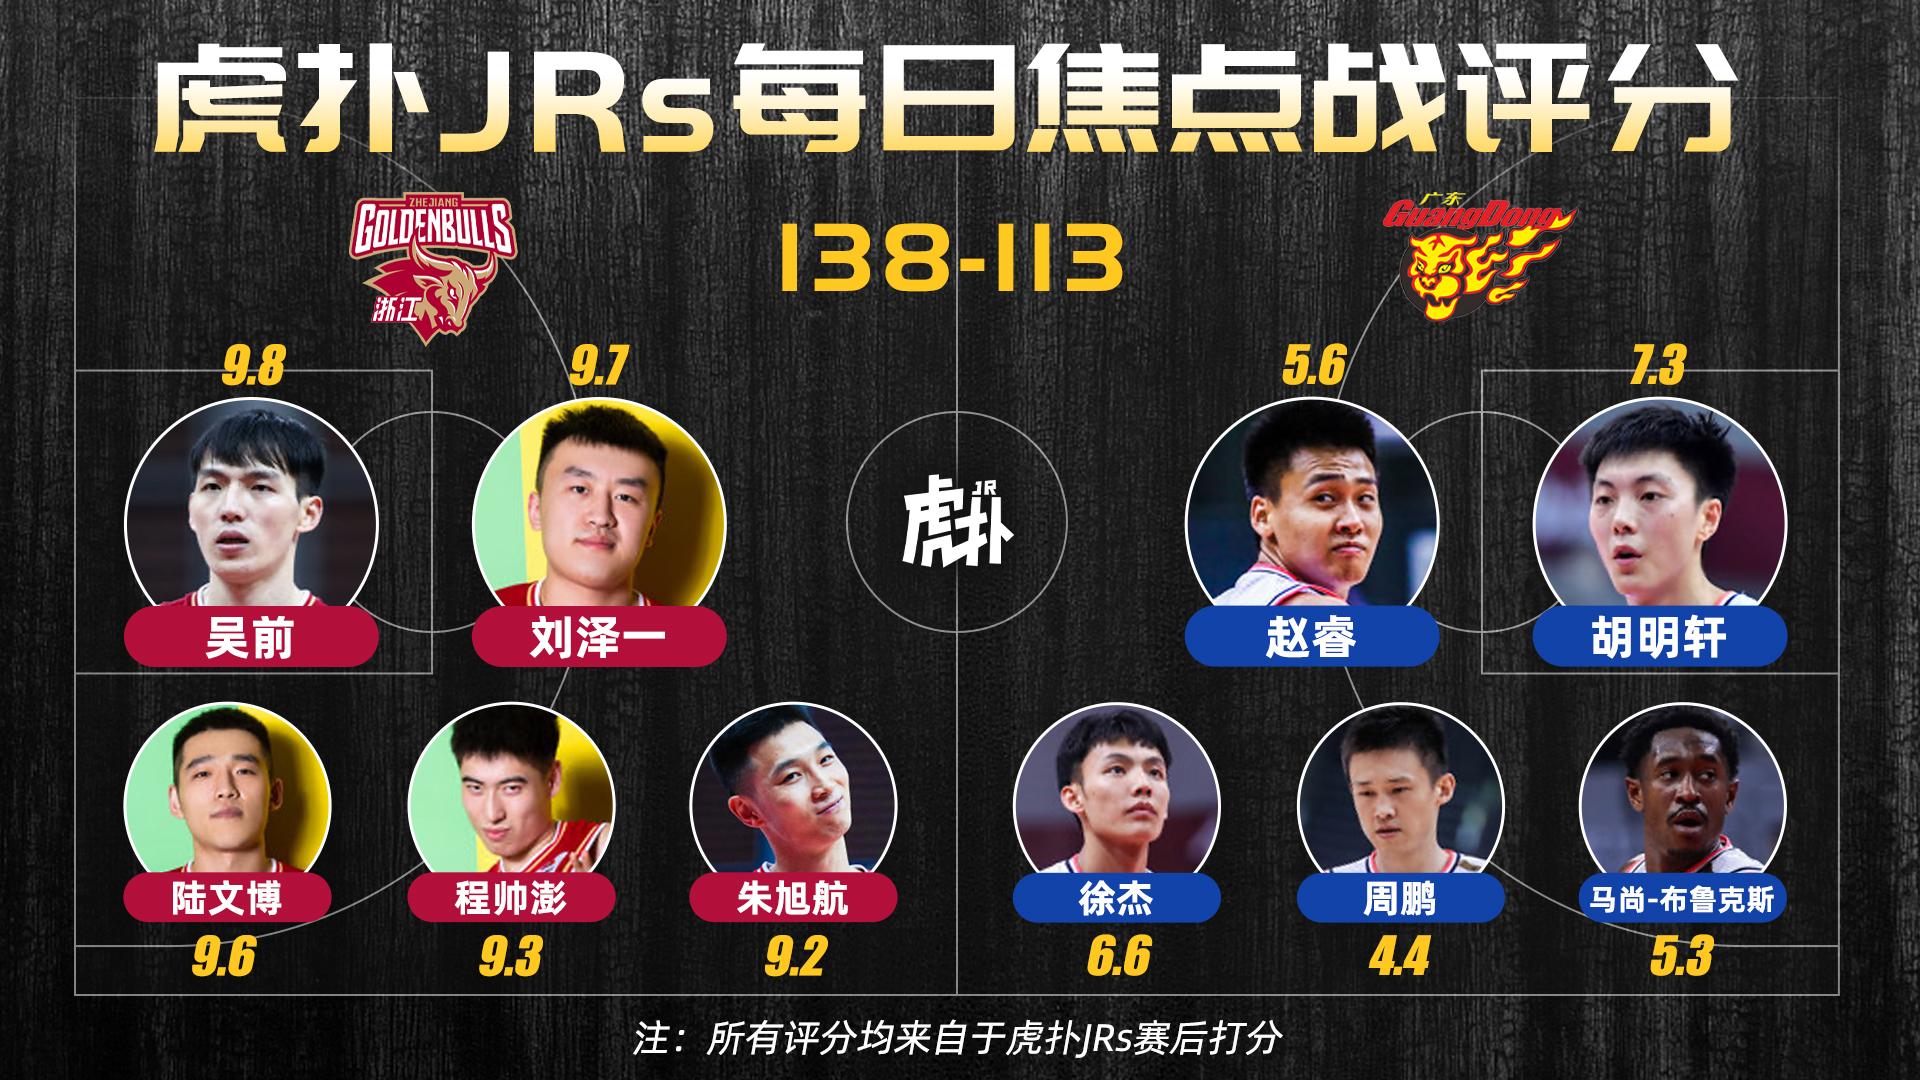 虎扑JRs每日焦点战评分:吴前9.8分,周鹏4.4分